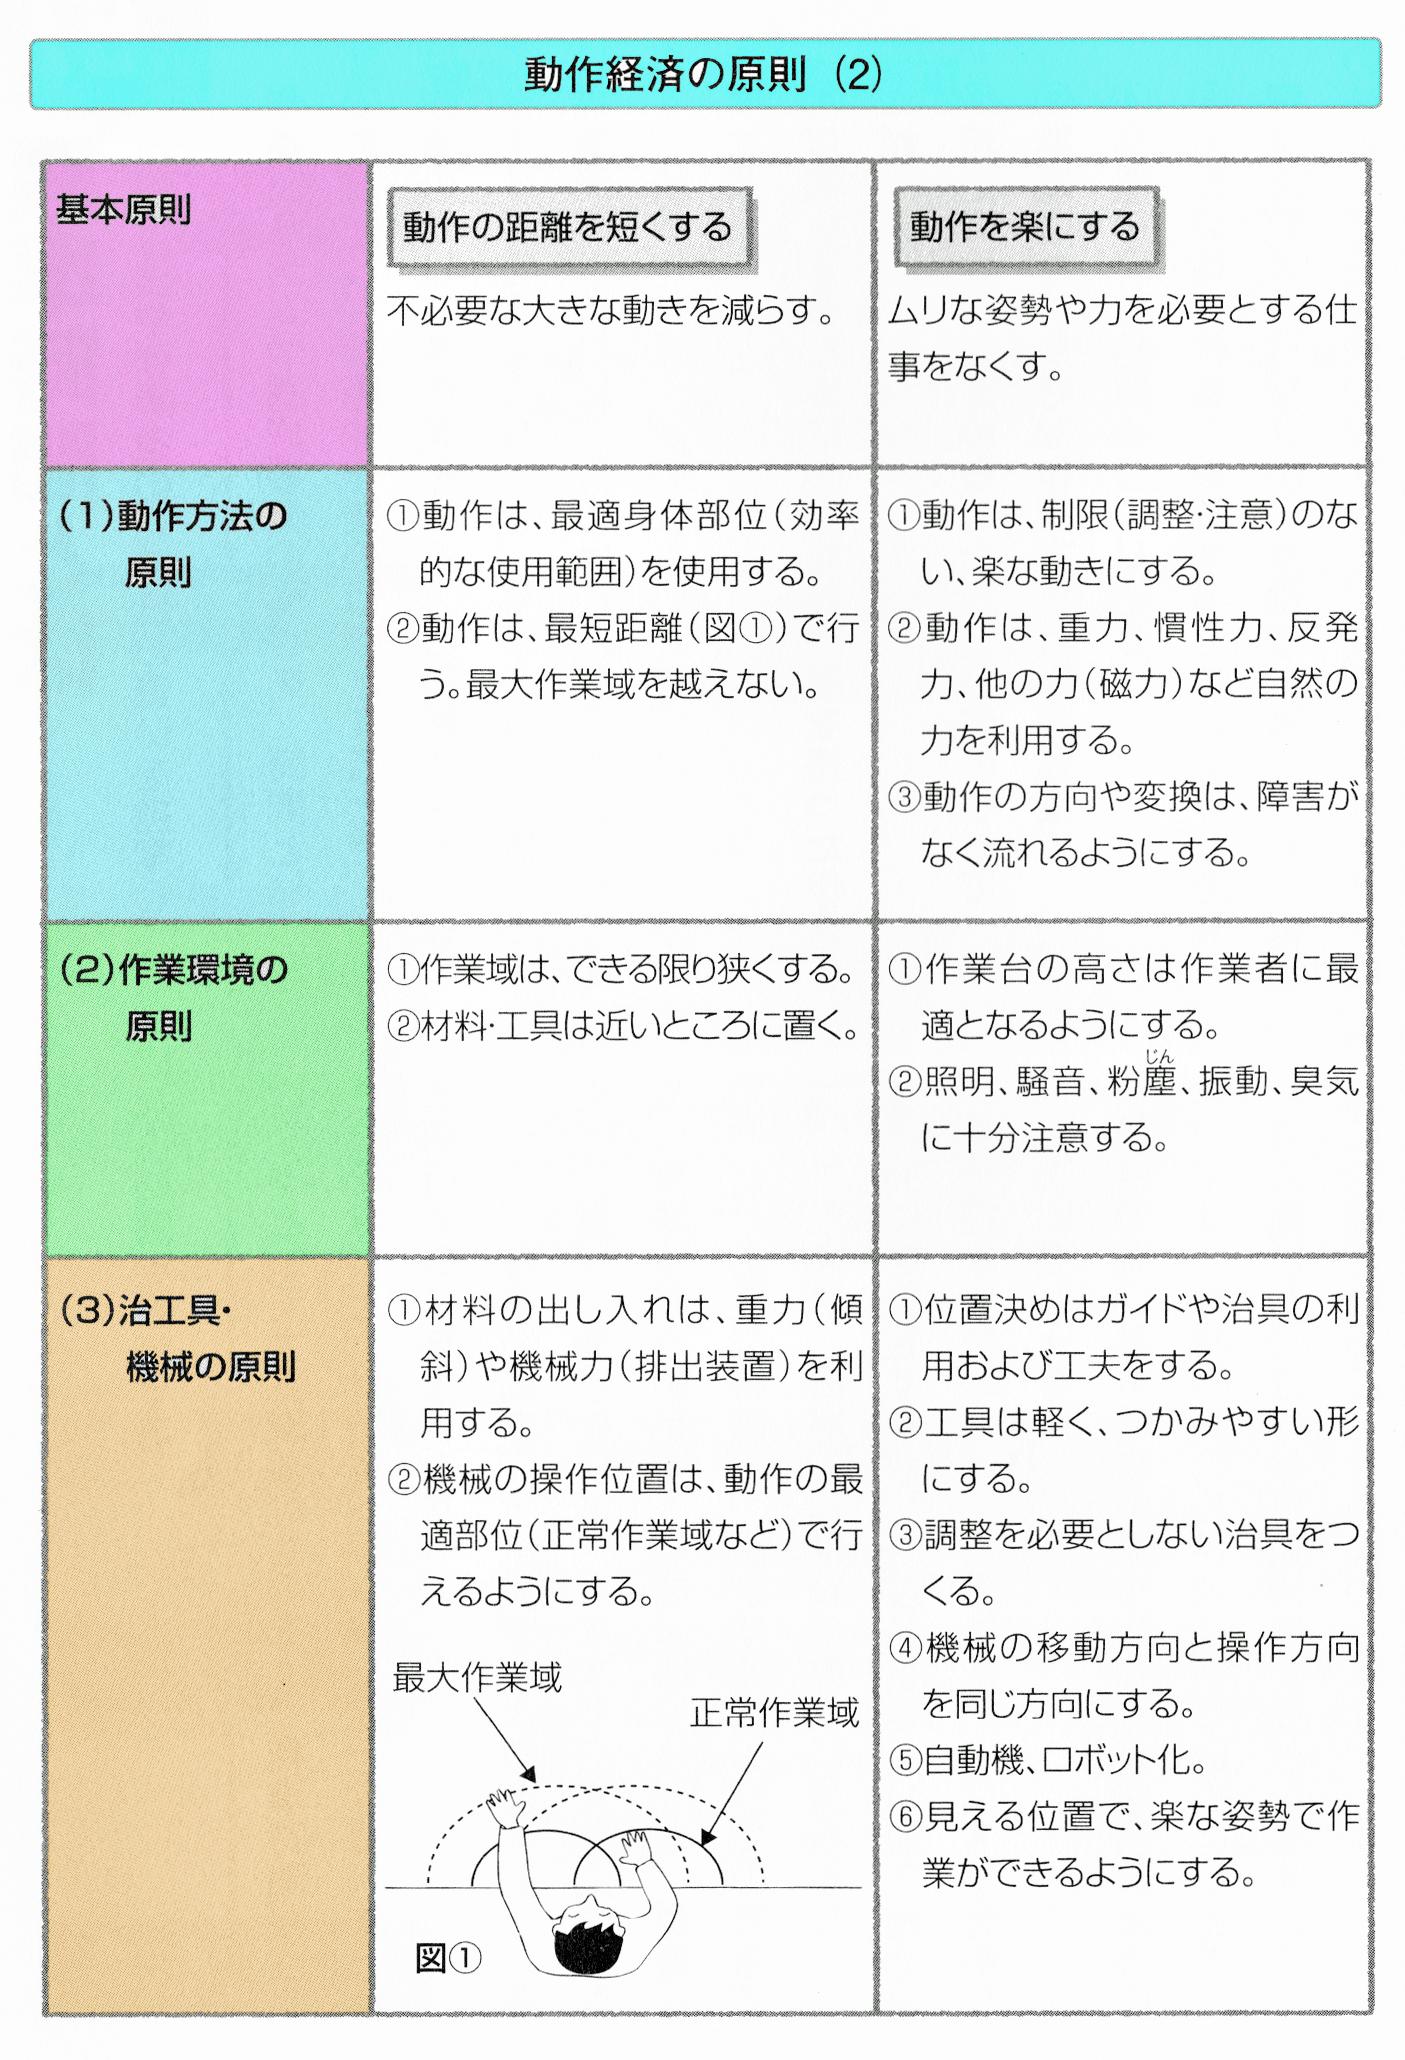 動作経済の原則2